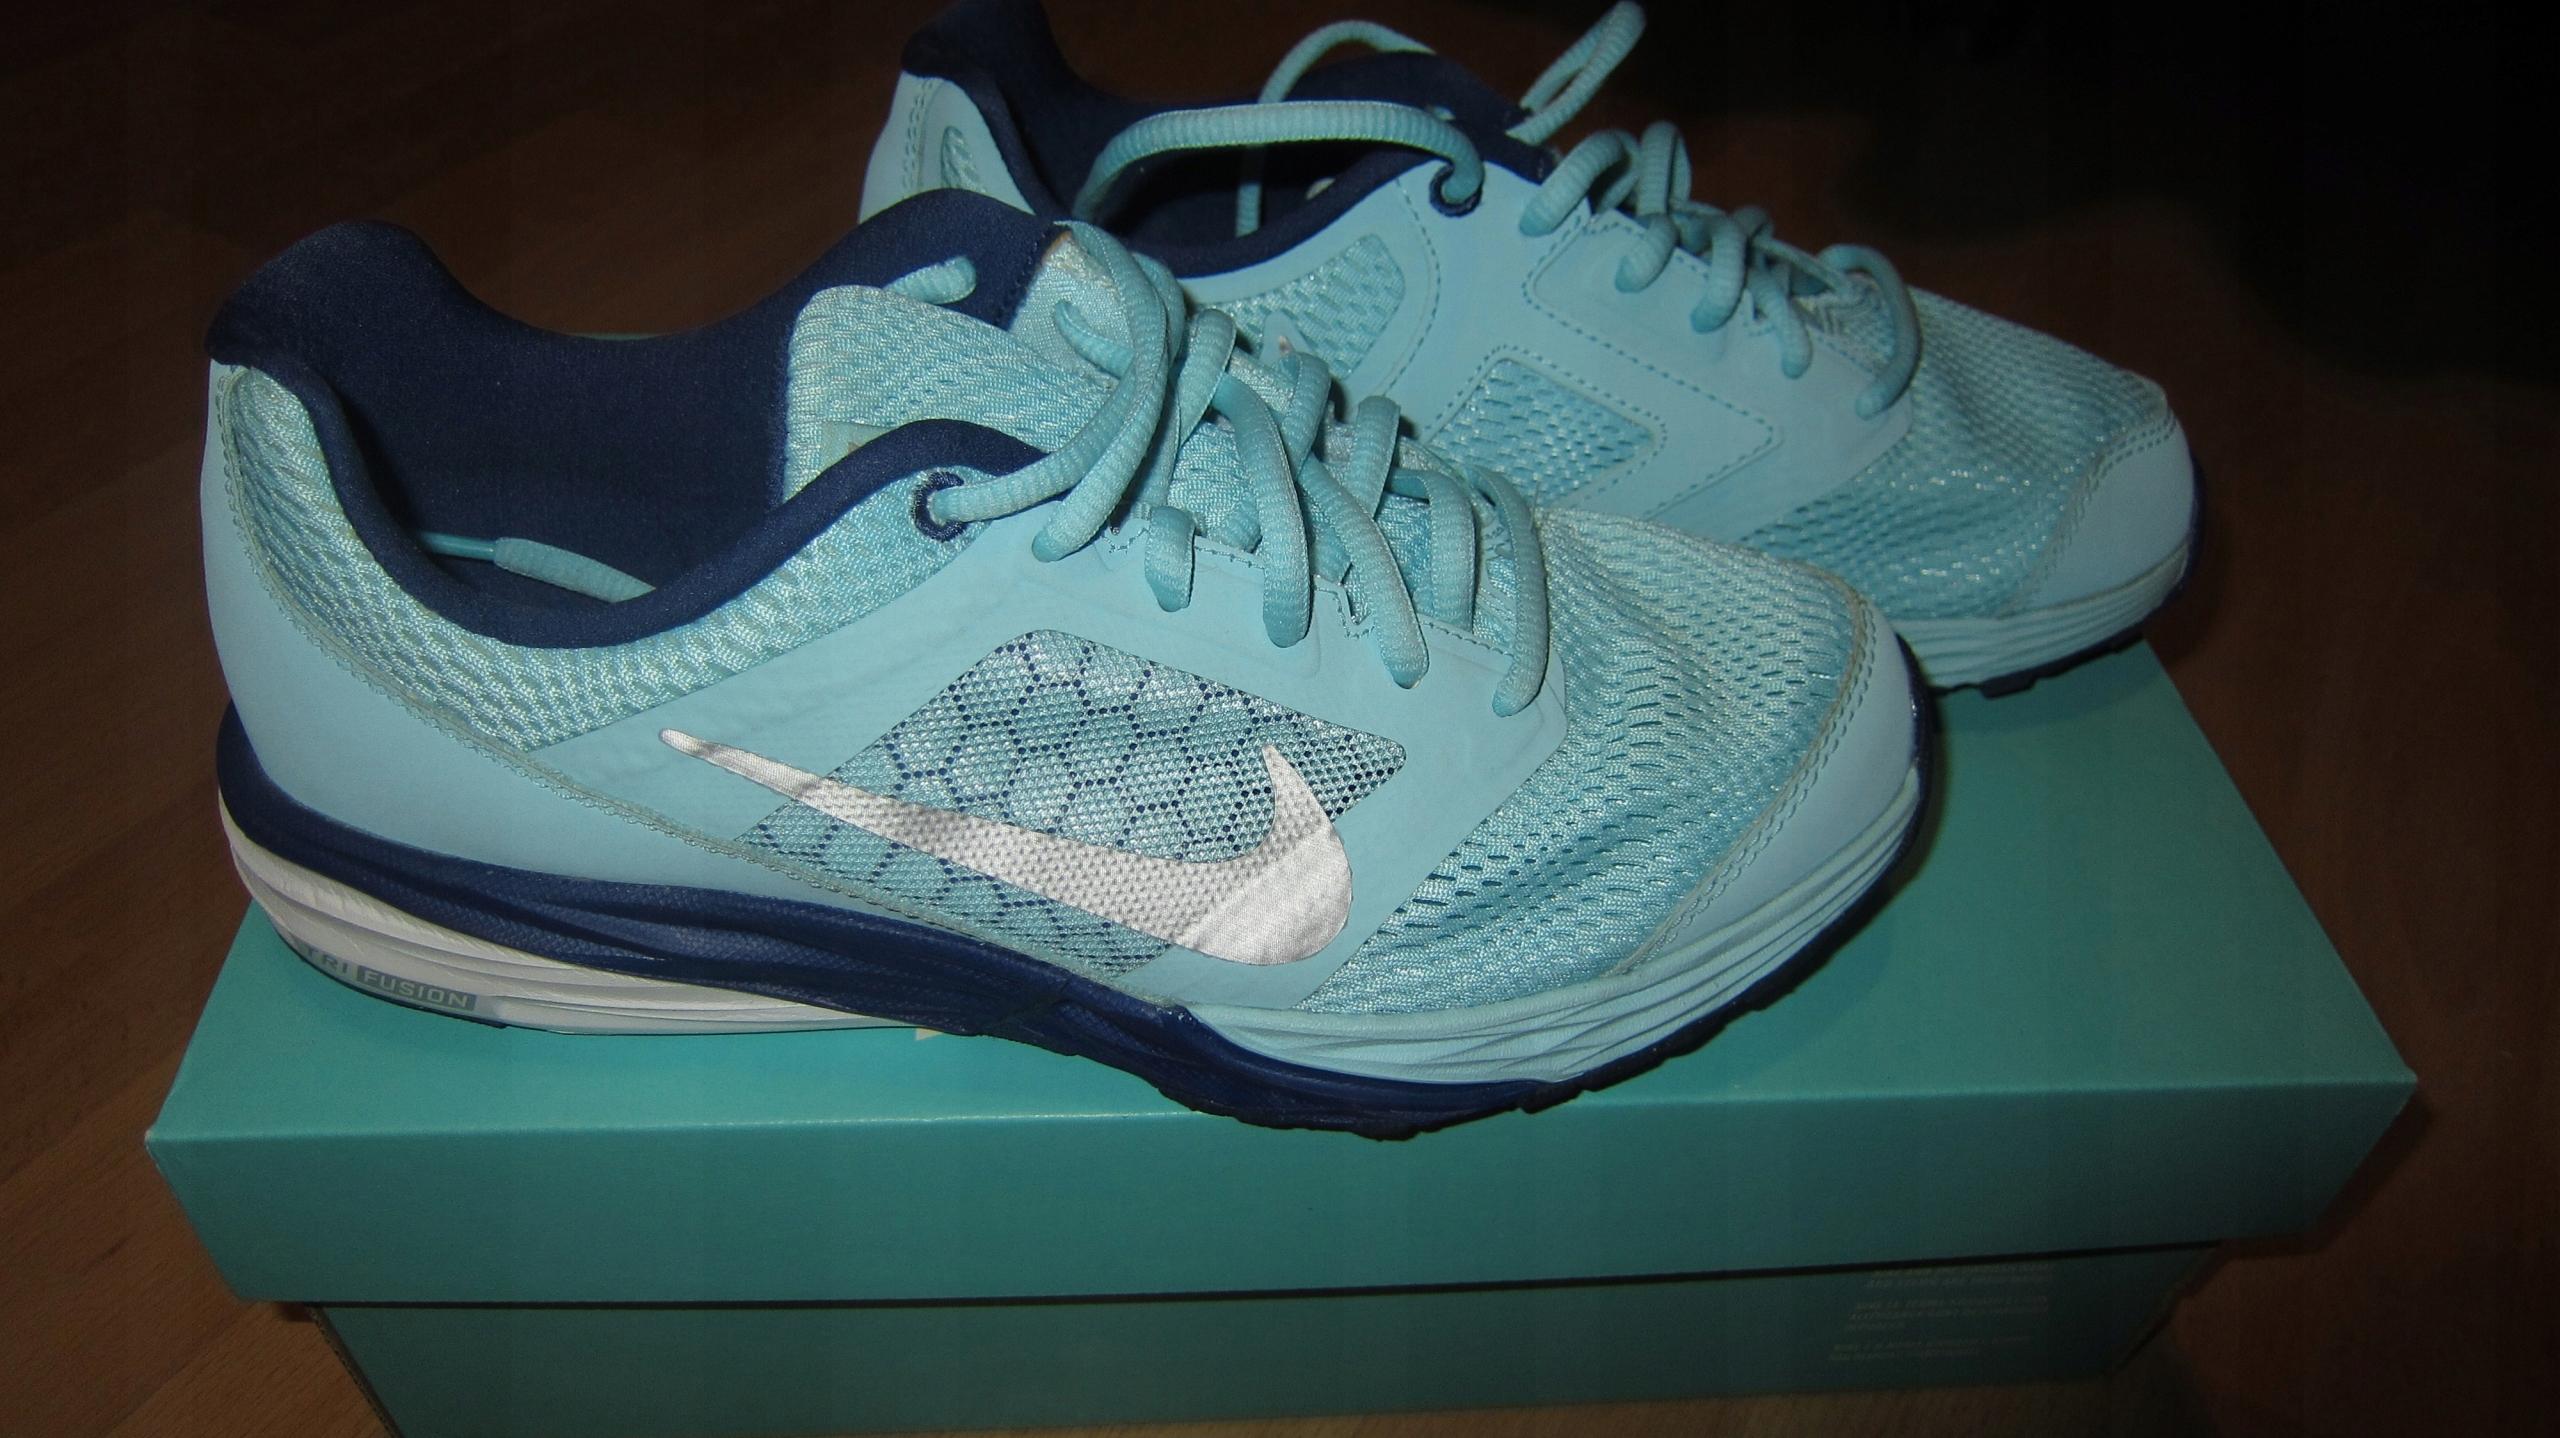 30fac4b1 Buty do biegania Nike rozm. 37,5 - 7534739234 - oficjalne archiwum ...